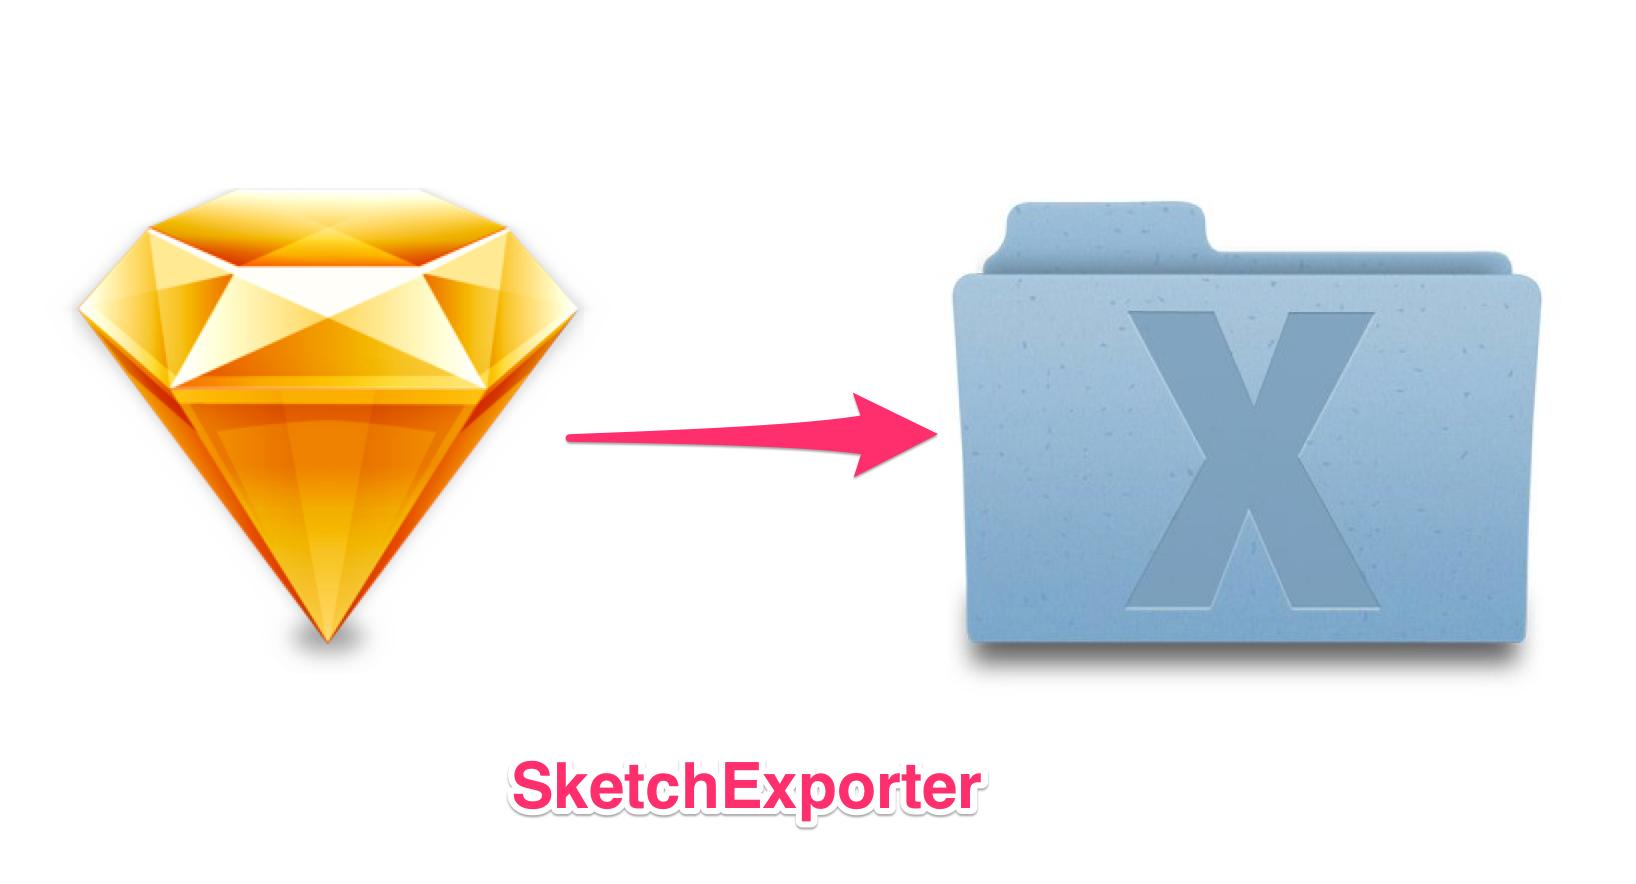 SketchExporter